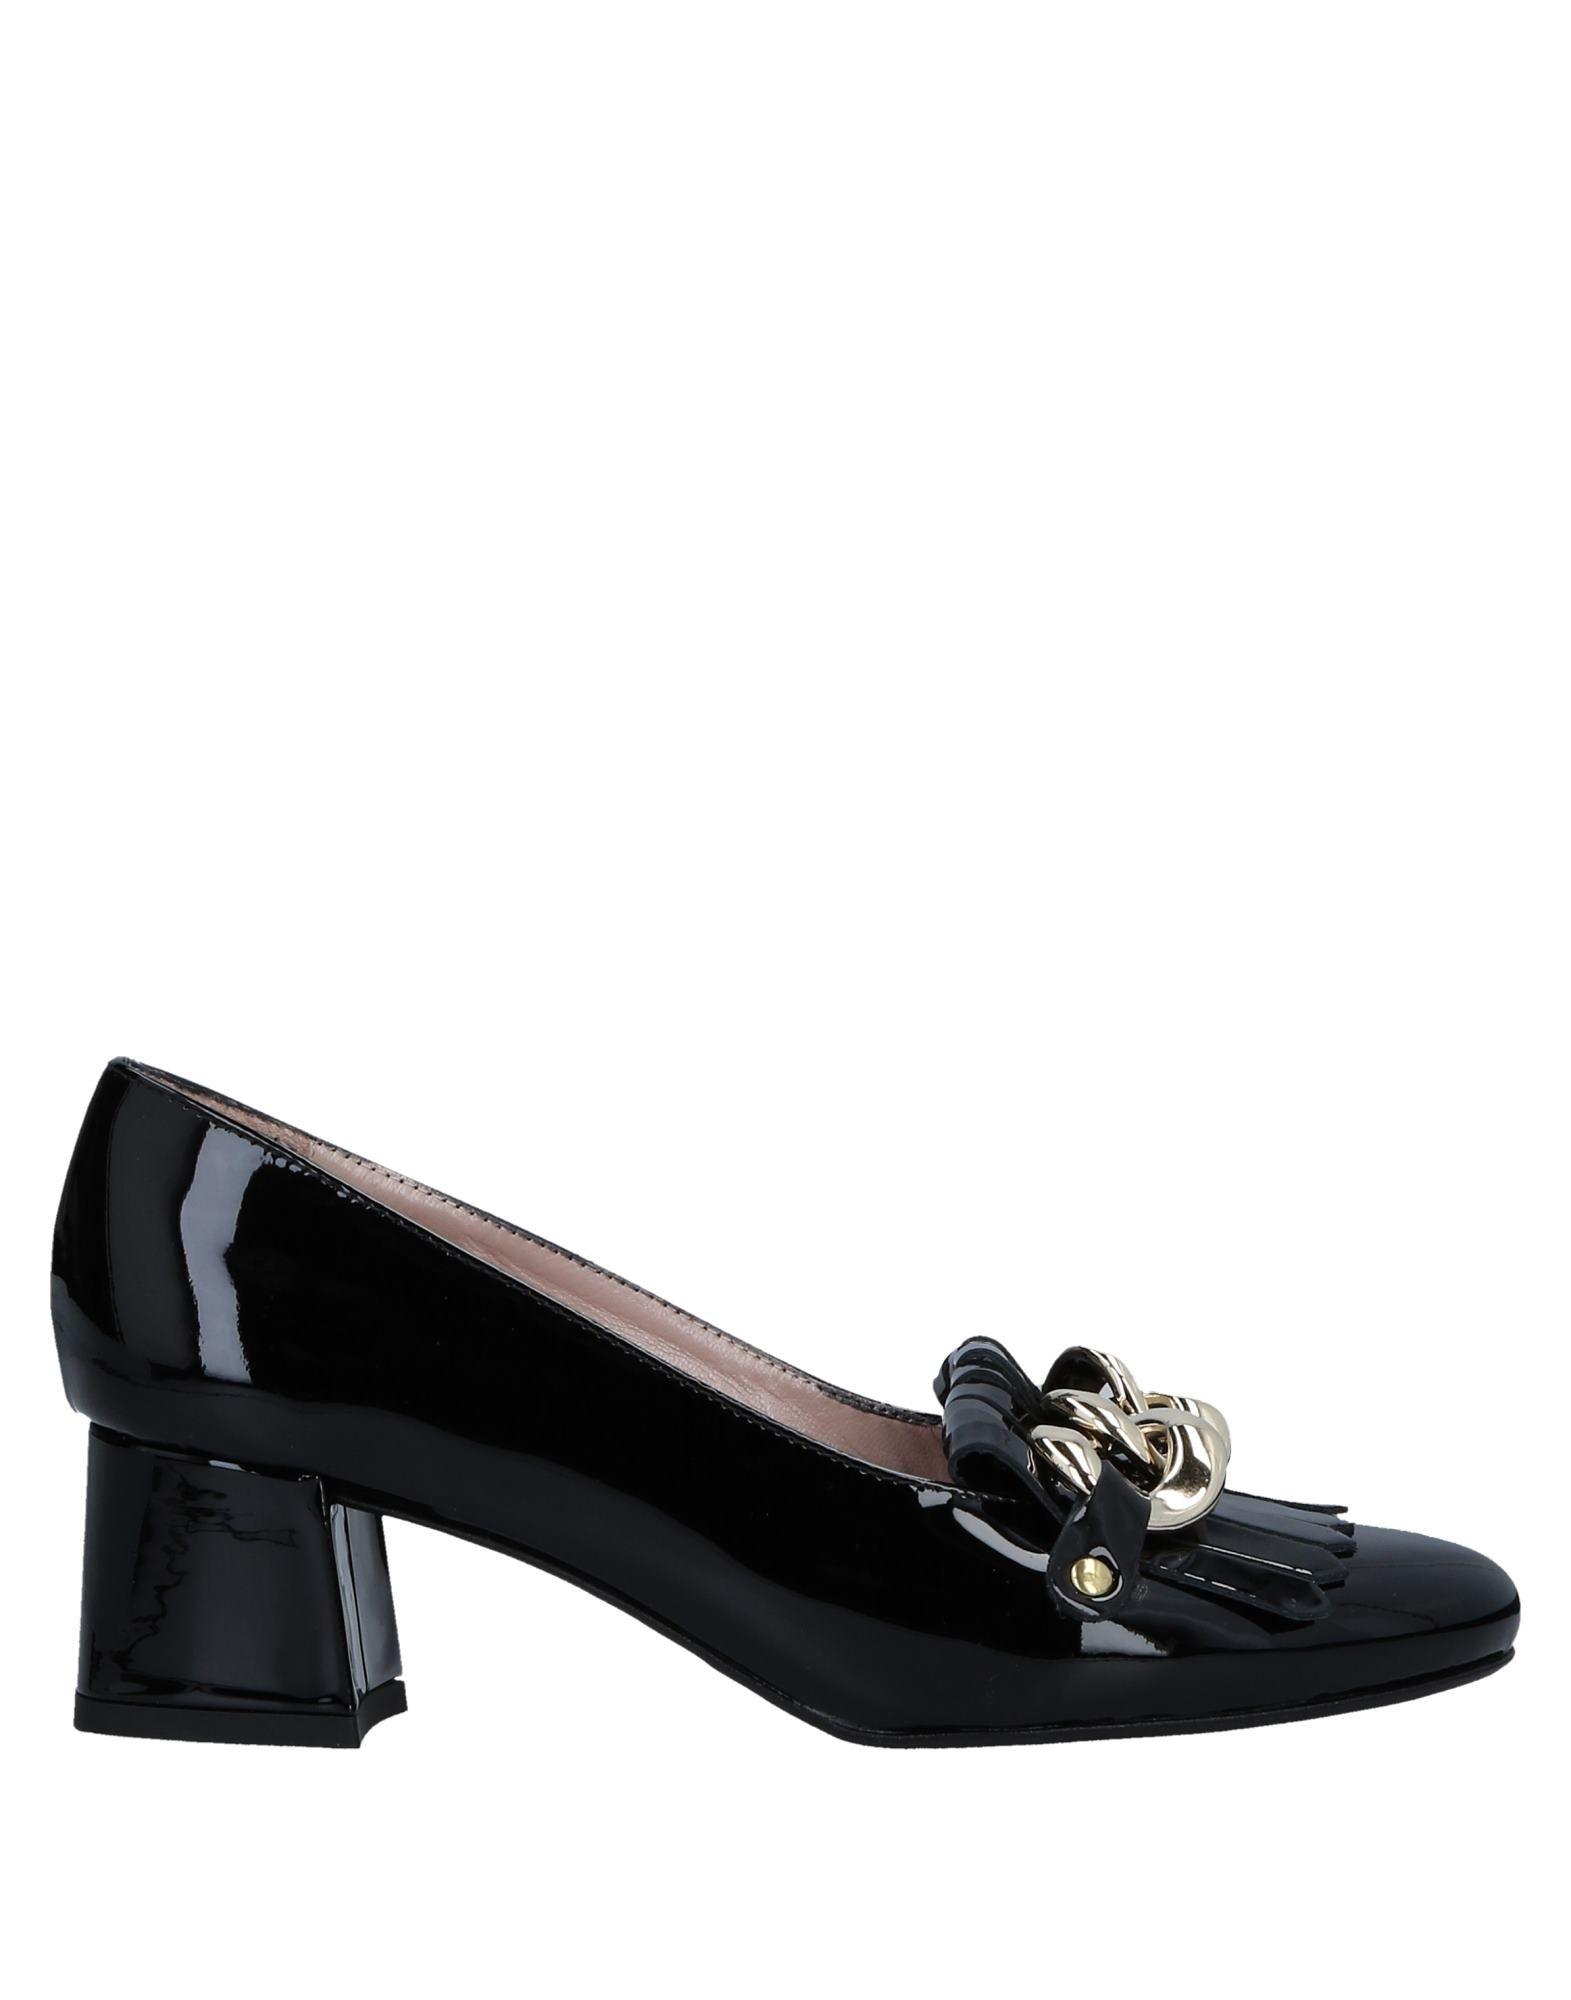 Frey Mokassins Damen  11539140KS Gute Qualität beliebte Schuhe